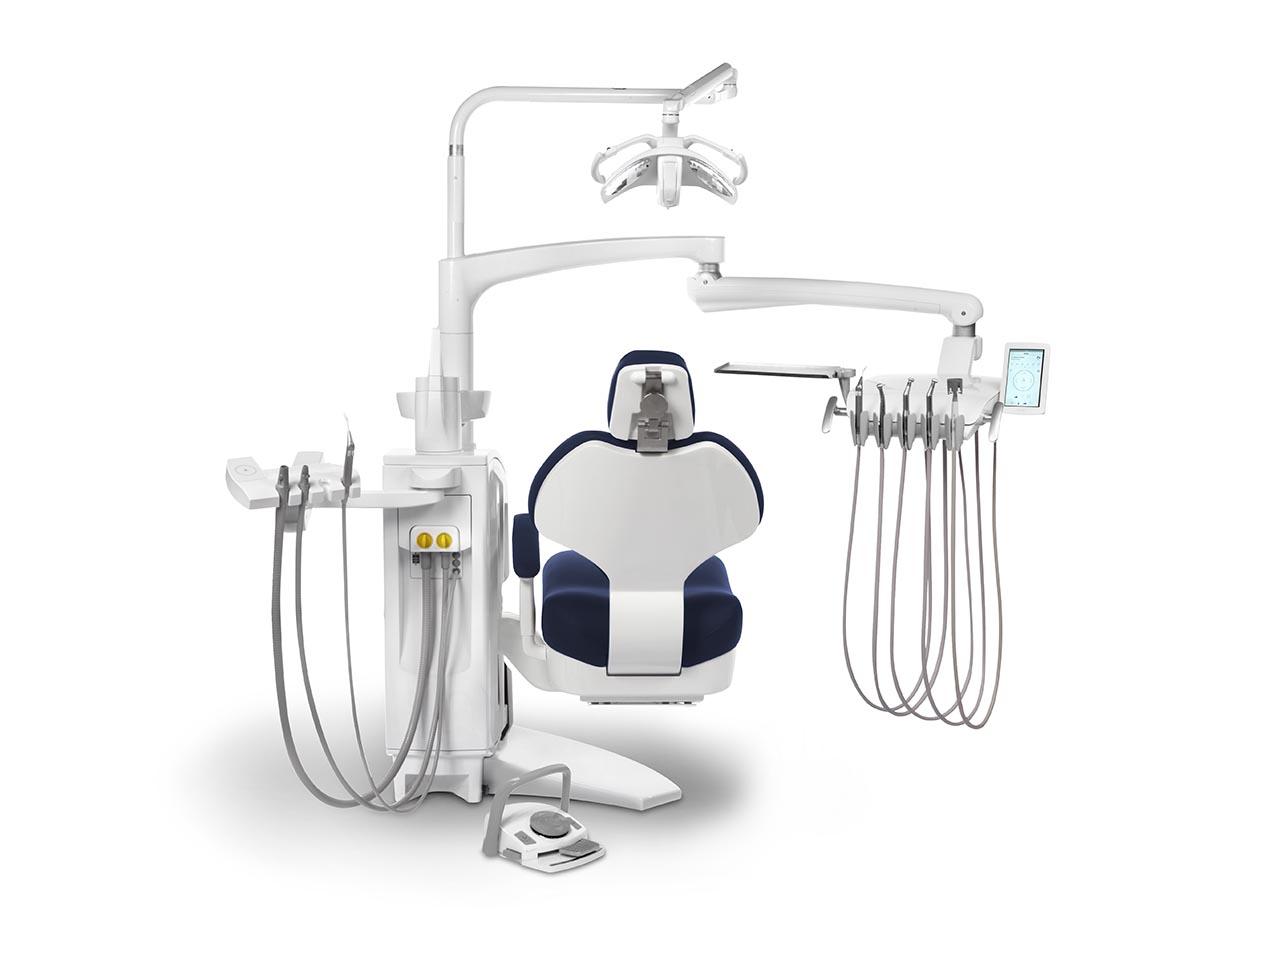 S5 H - elektronische Behandlungseinheit mit hängenden Schläuchen